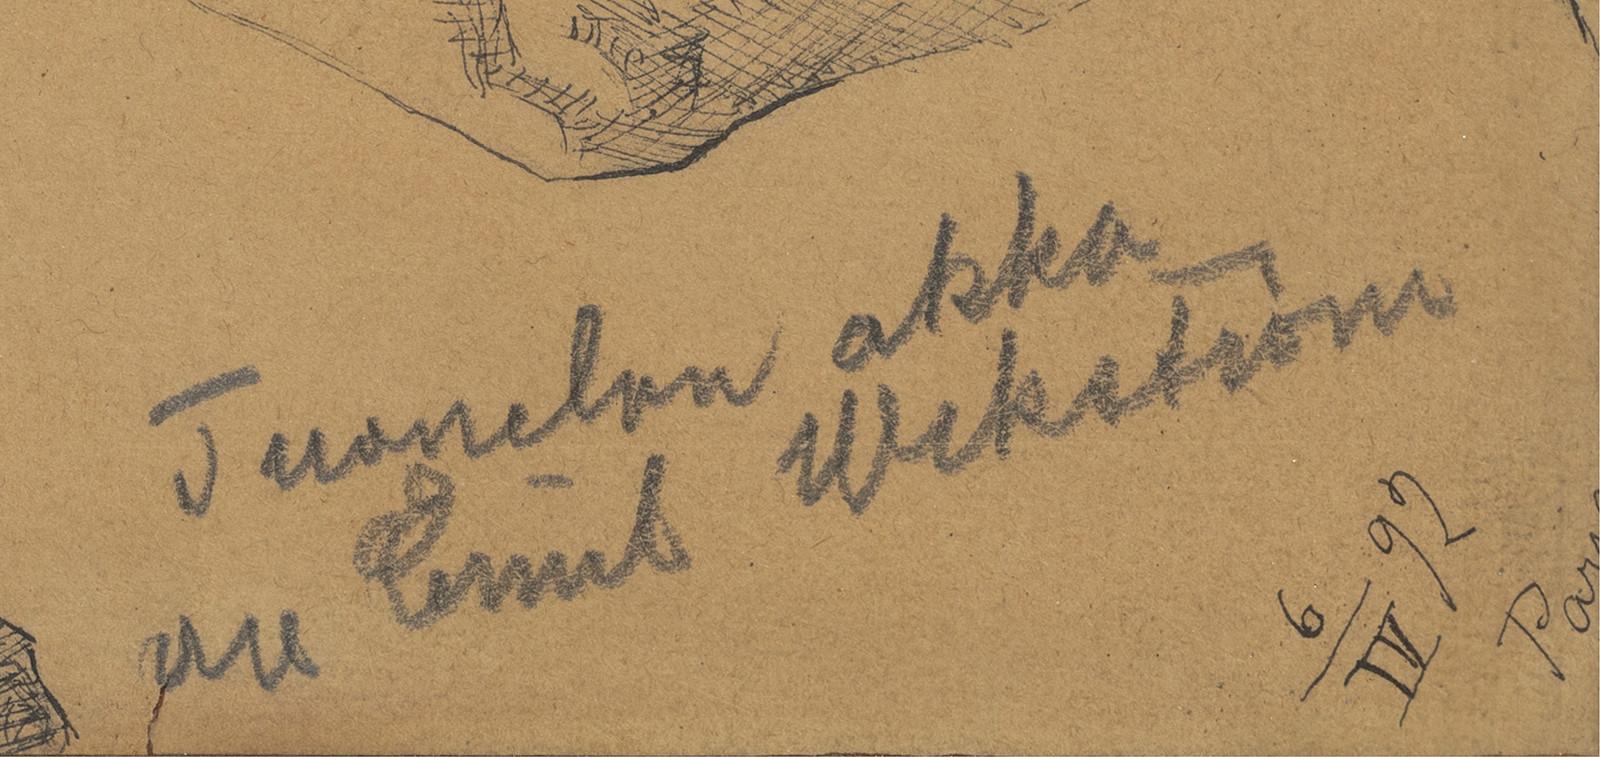 Kirjoitus: Tuonelan akka av Emil Wikström